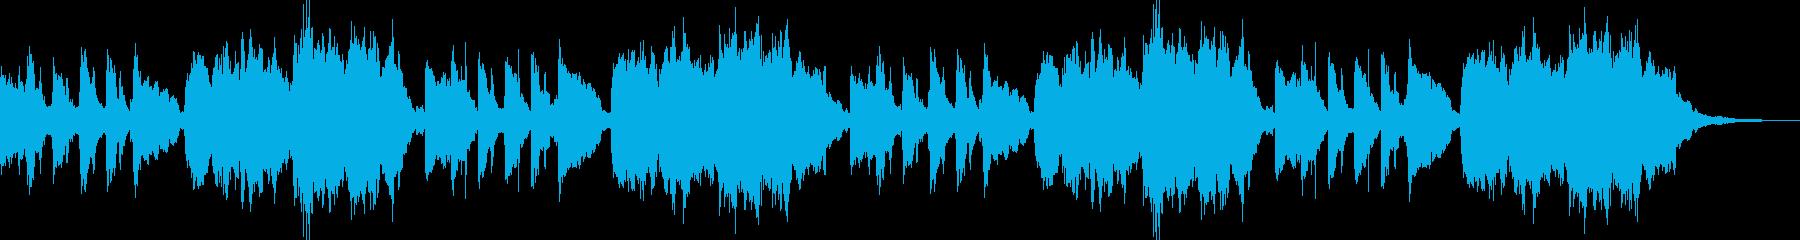 ほのぼのとしたオルゴール風ジングルロングの再生済みの波形